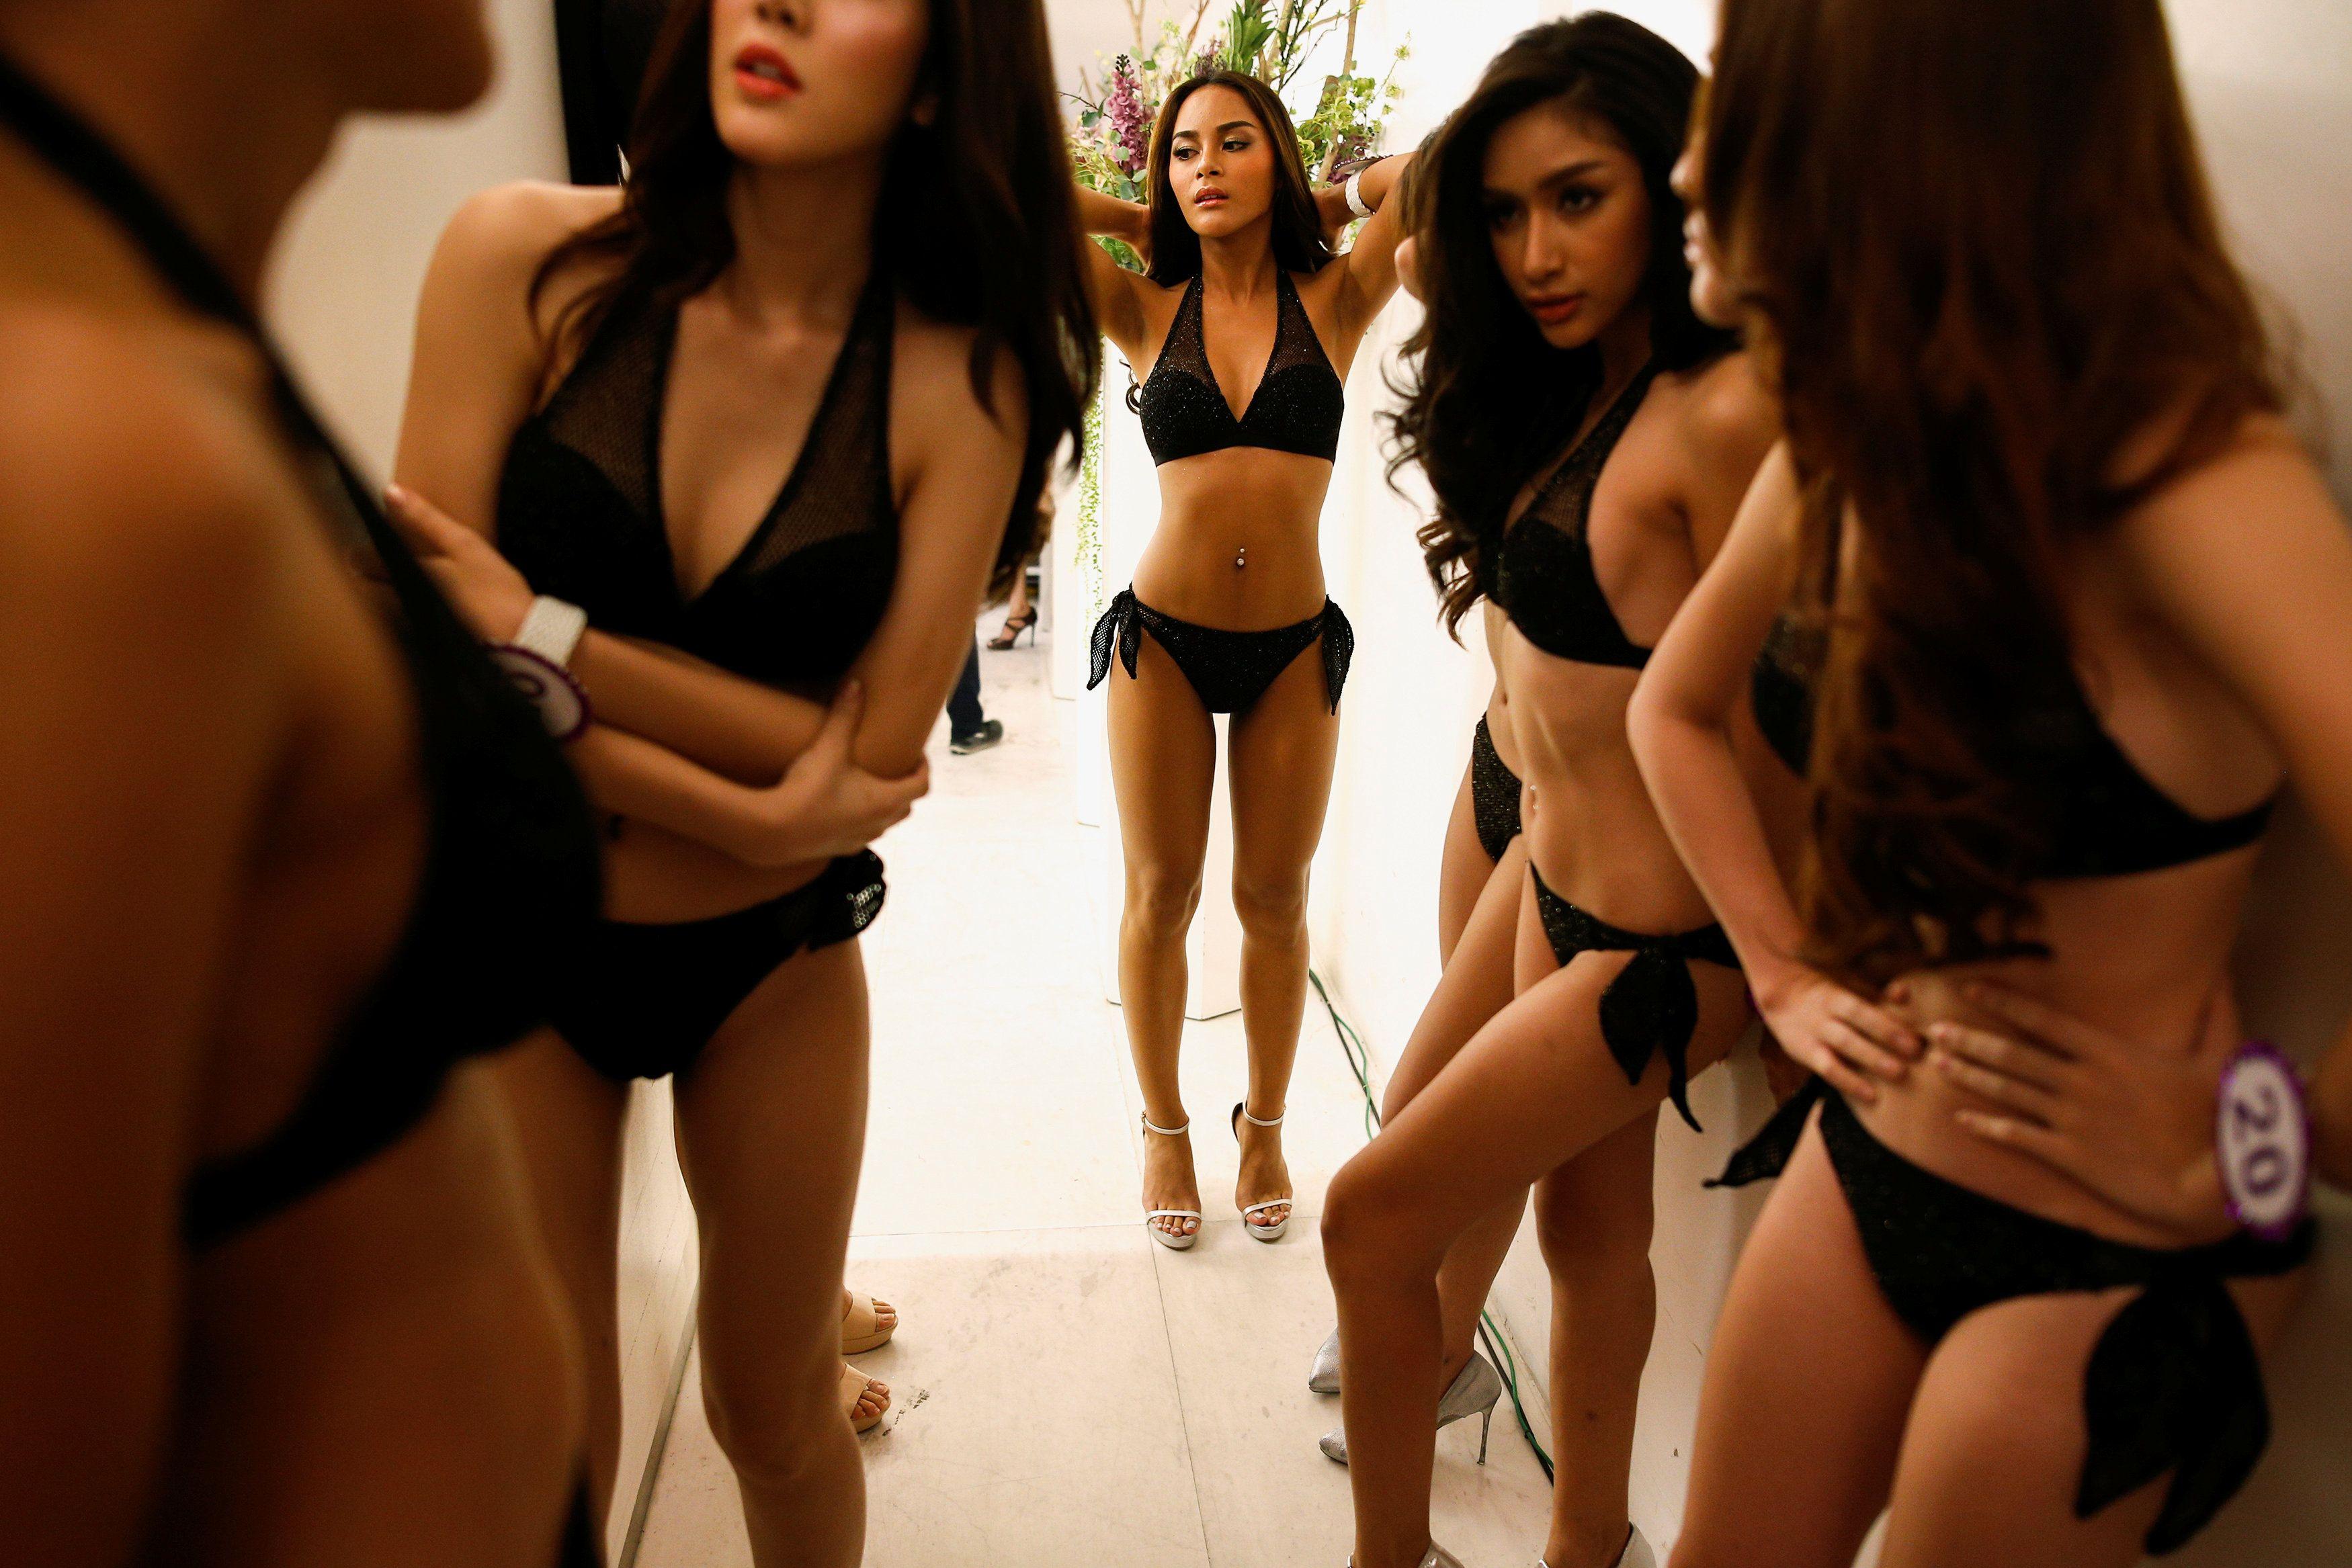 Конкурс краси серед трансвеститів у Таїланді_1